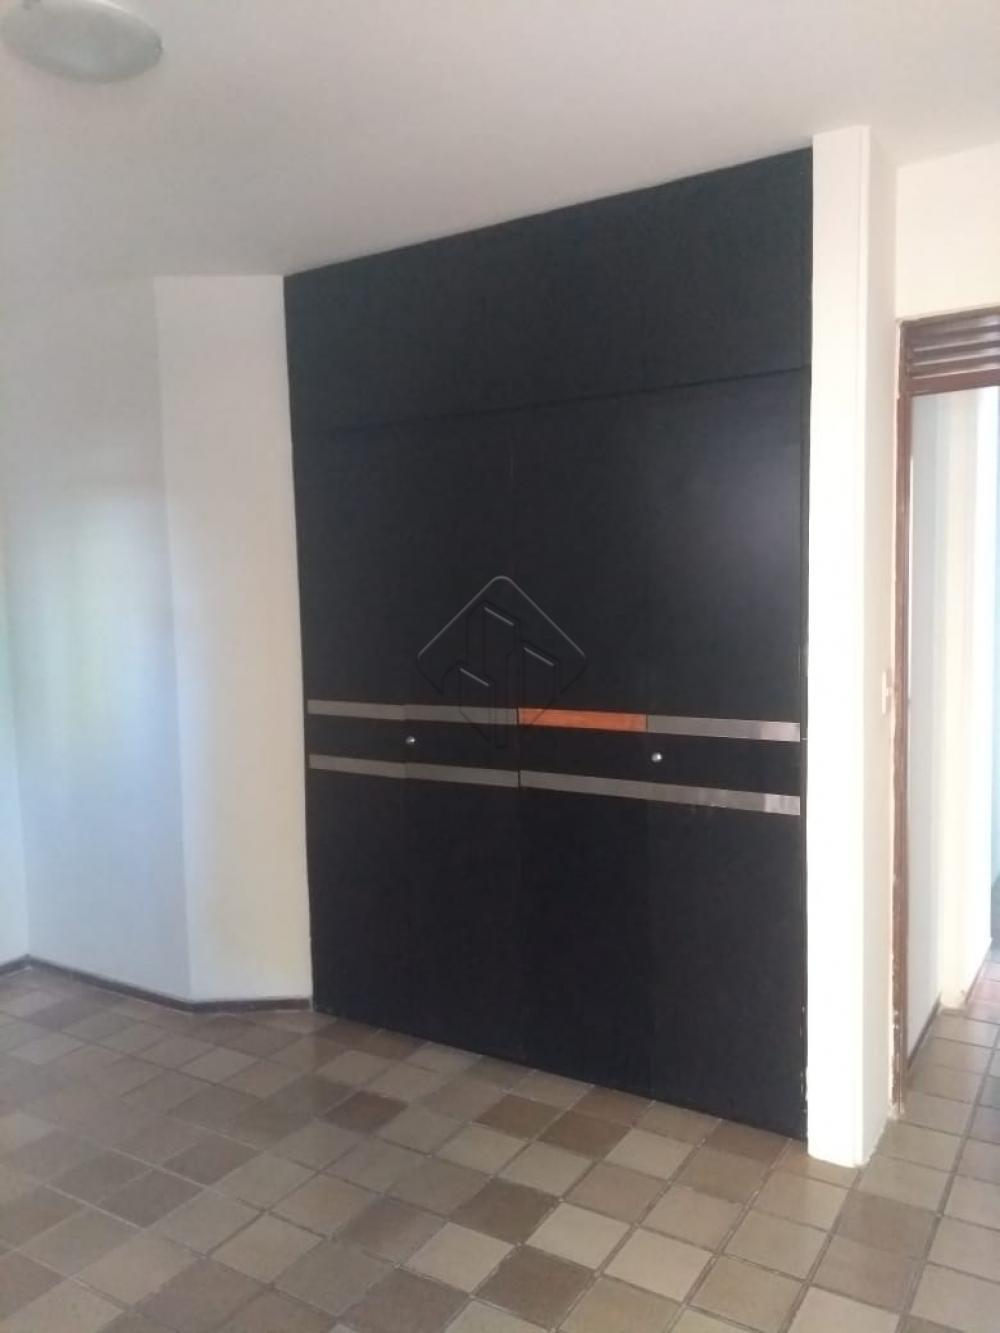 Comprar Apartamento / Padrão em João Pessoa apenas R$ 300.000,00 - Foto 88